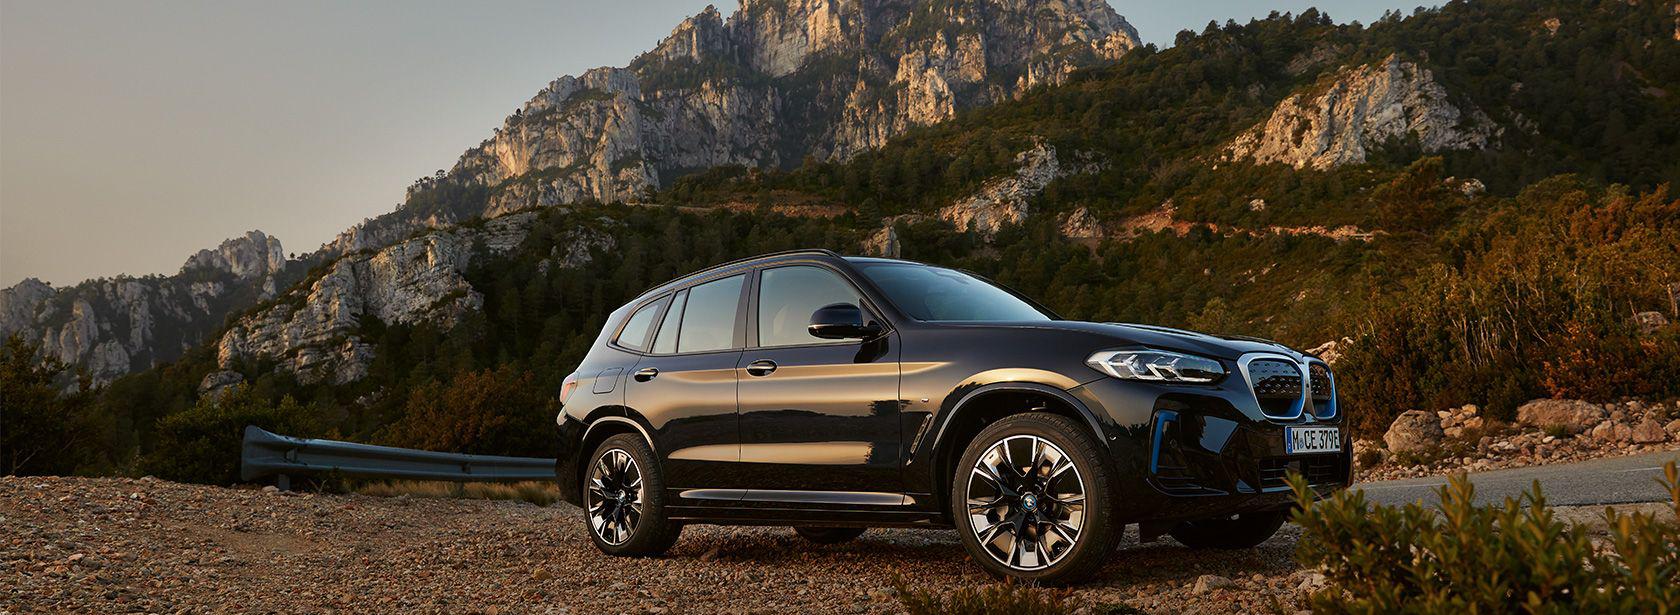 BMW iX3 G08 2021 M Carbonschwarz Seitenansicht